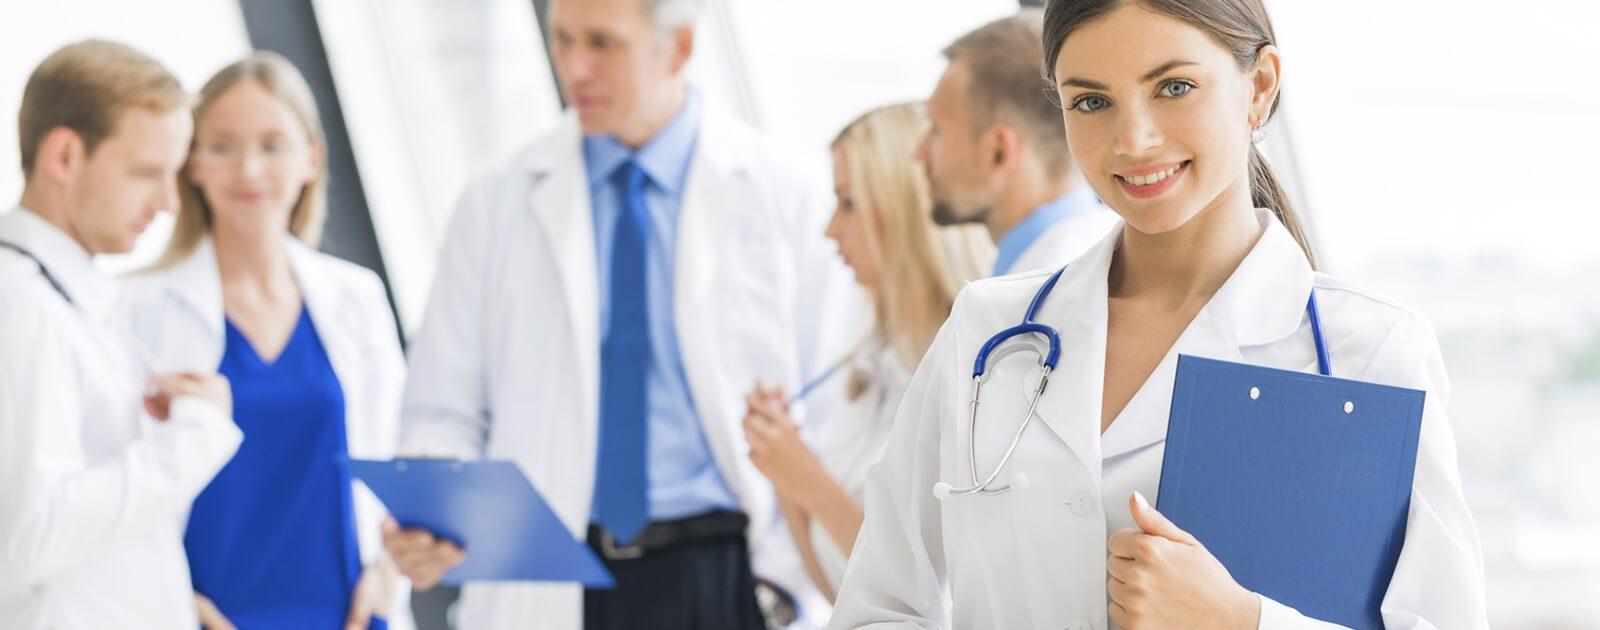 Ärzte auf dem Krankenhausflur – Patienten mit Paraphimose sollten sich umgehend in ärztliche Hände begeben.